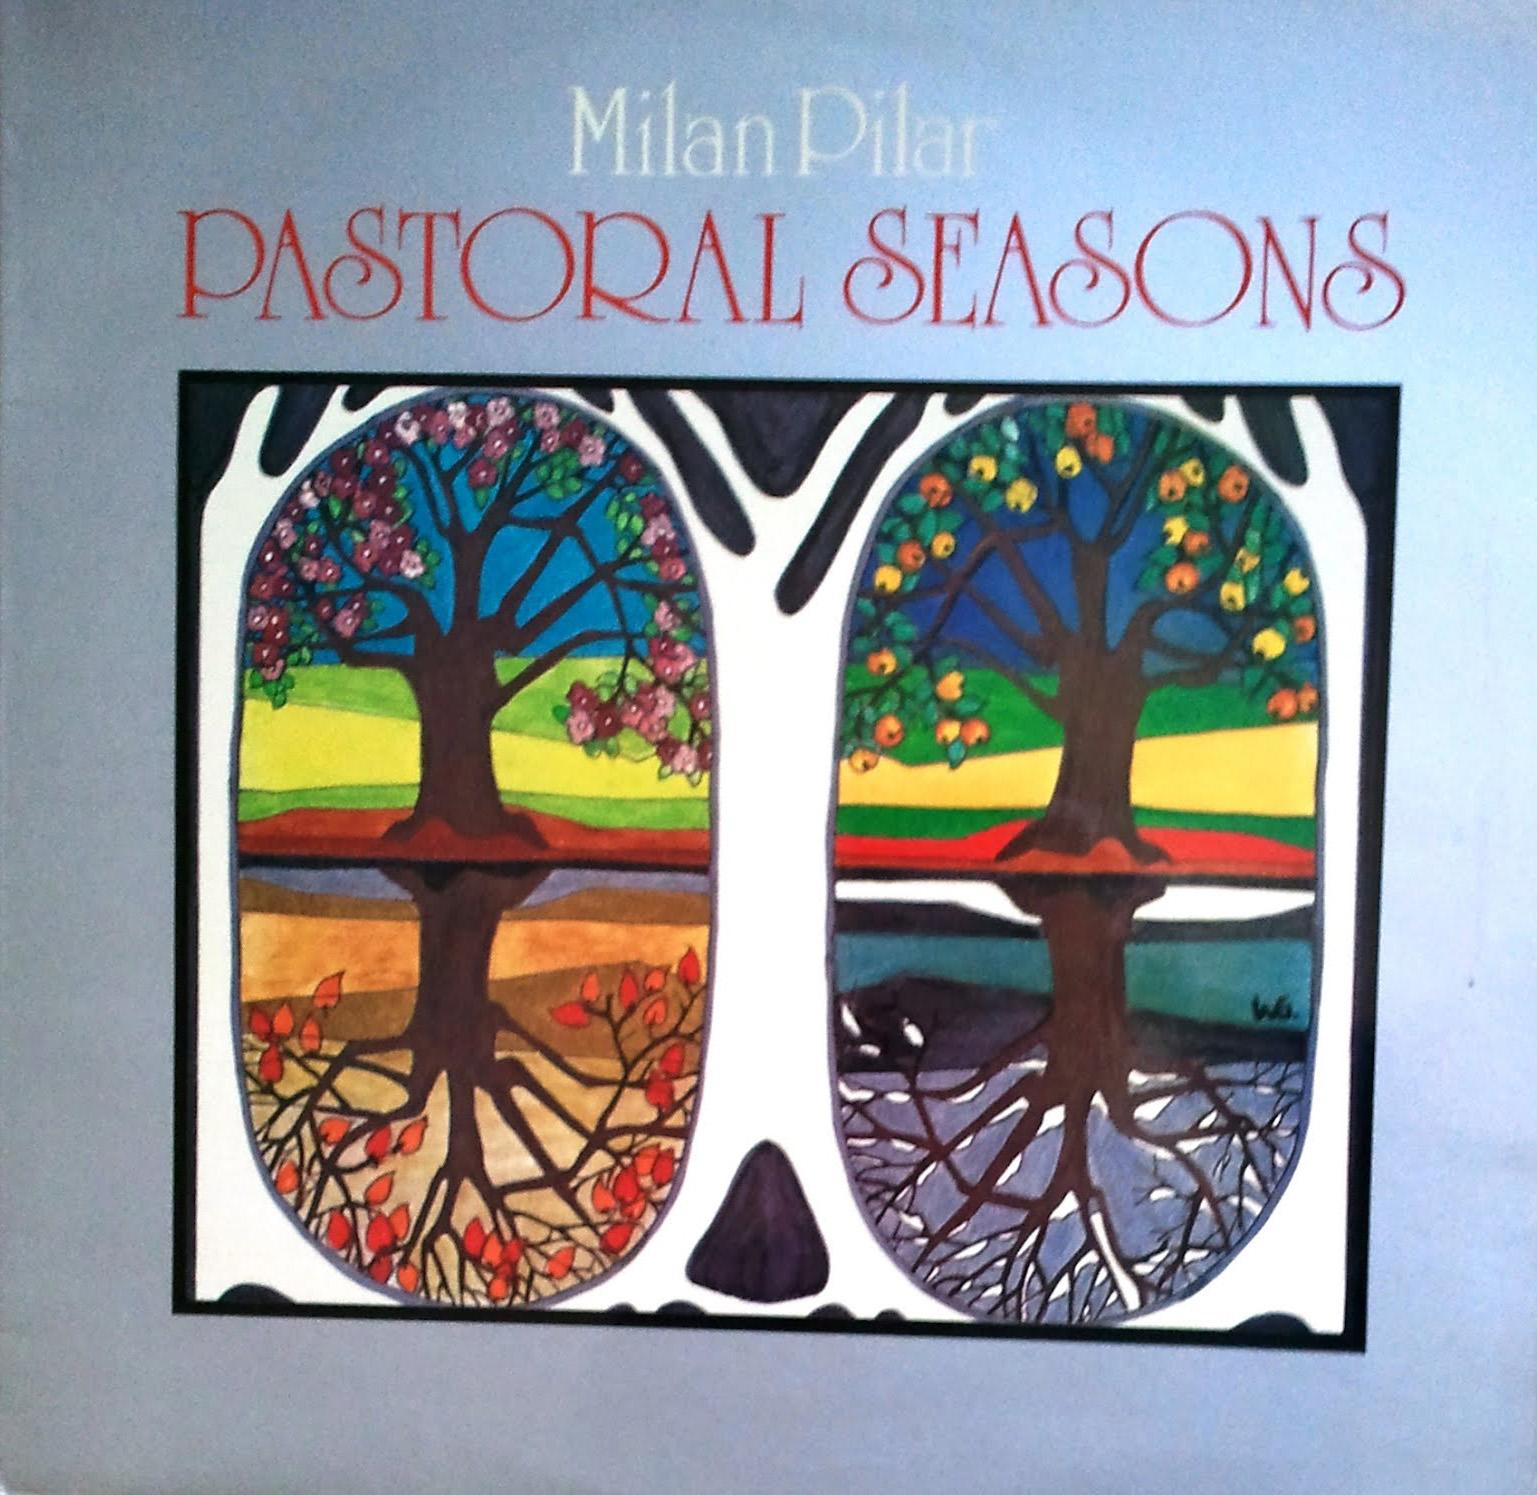 Milan Pilar Pastoral Seasons